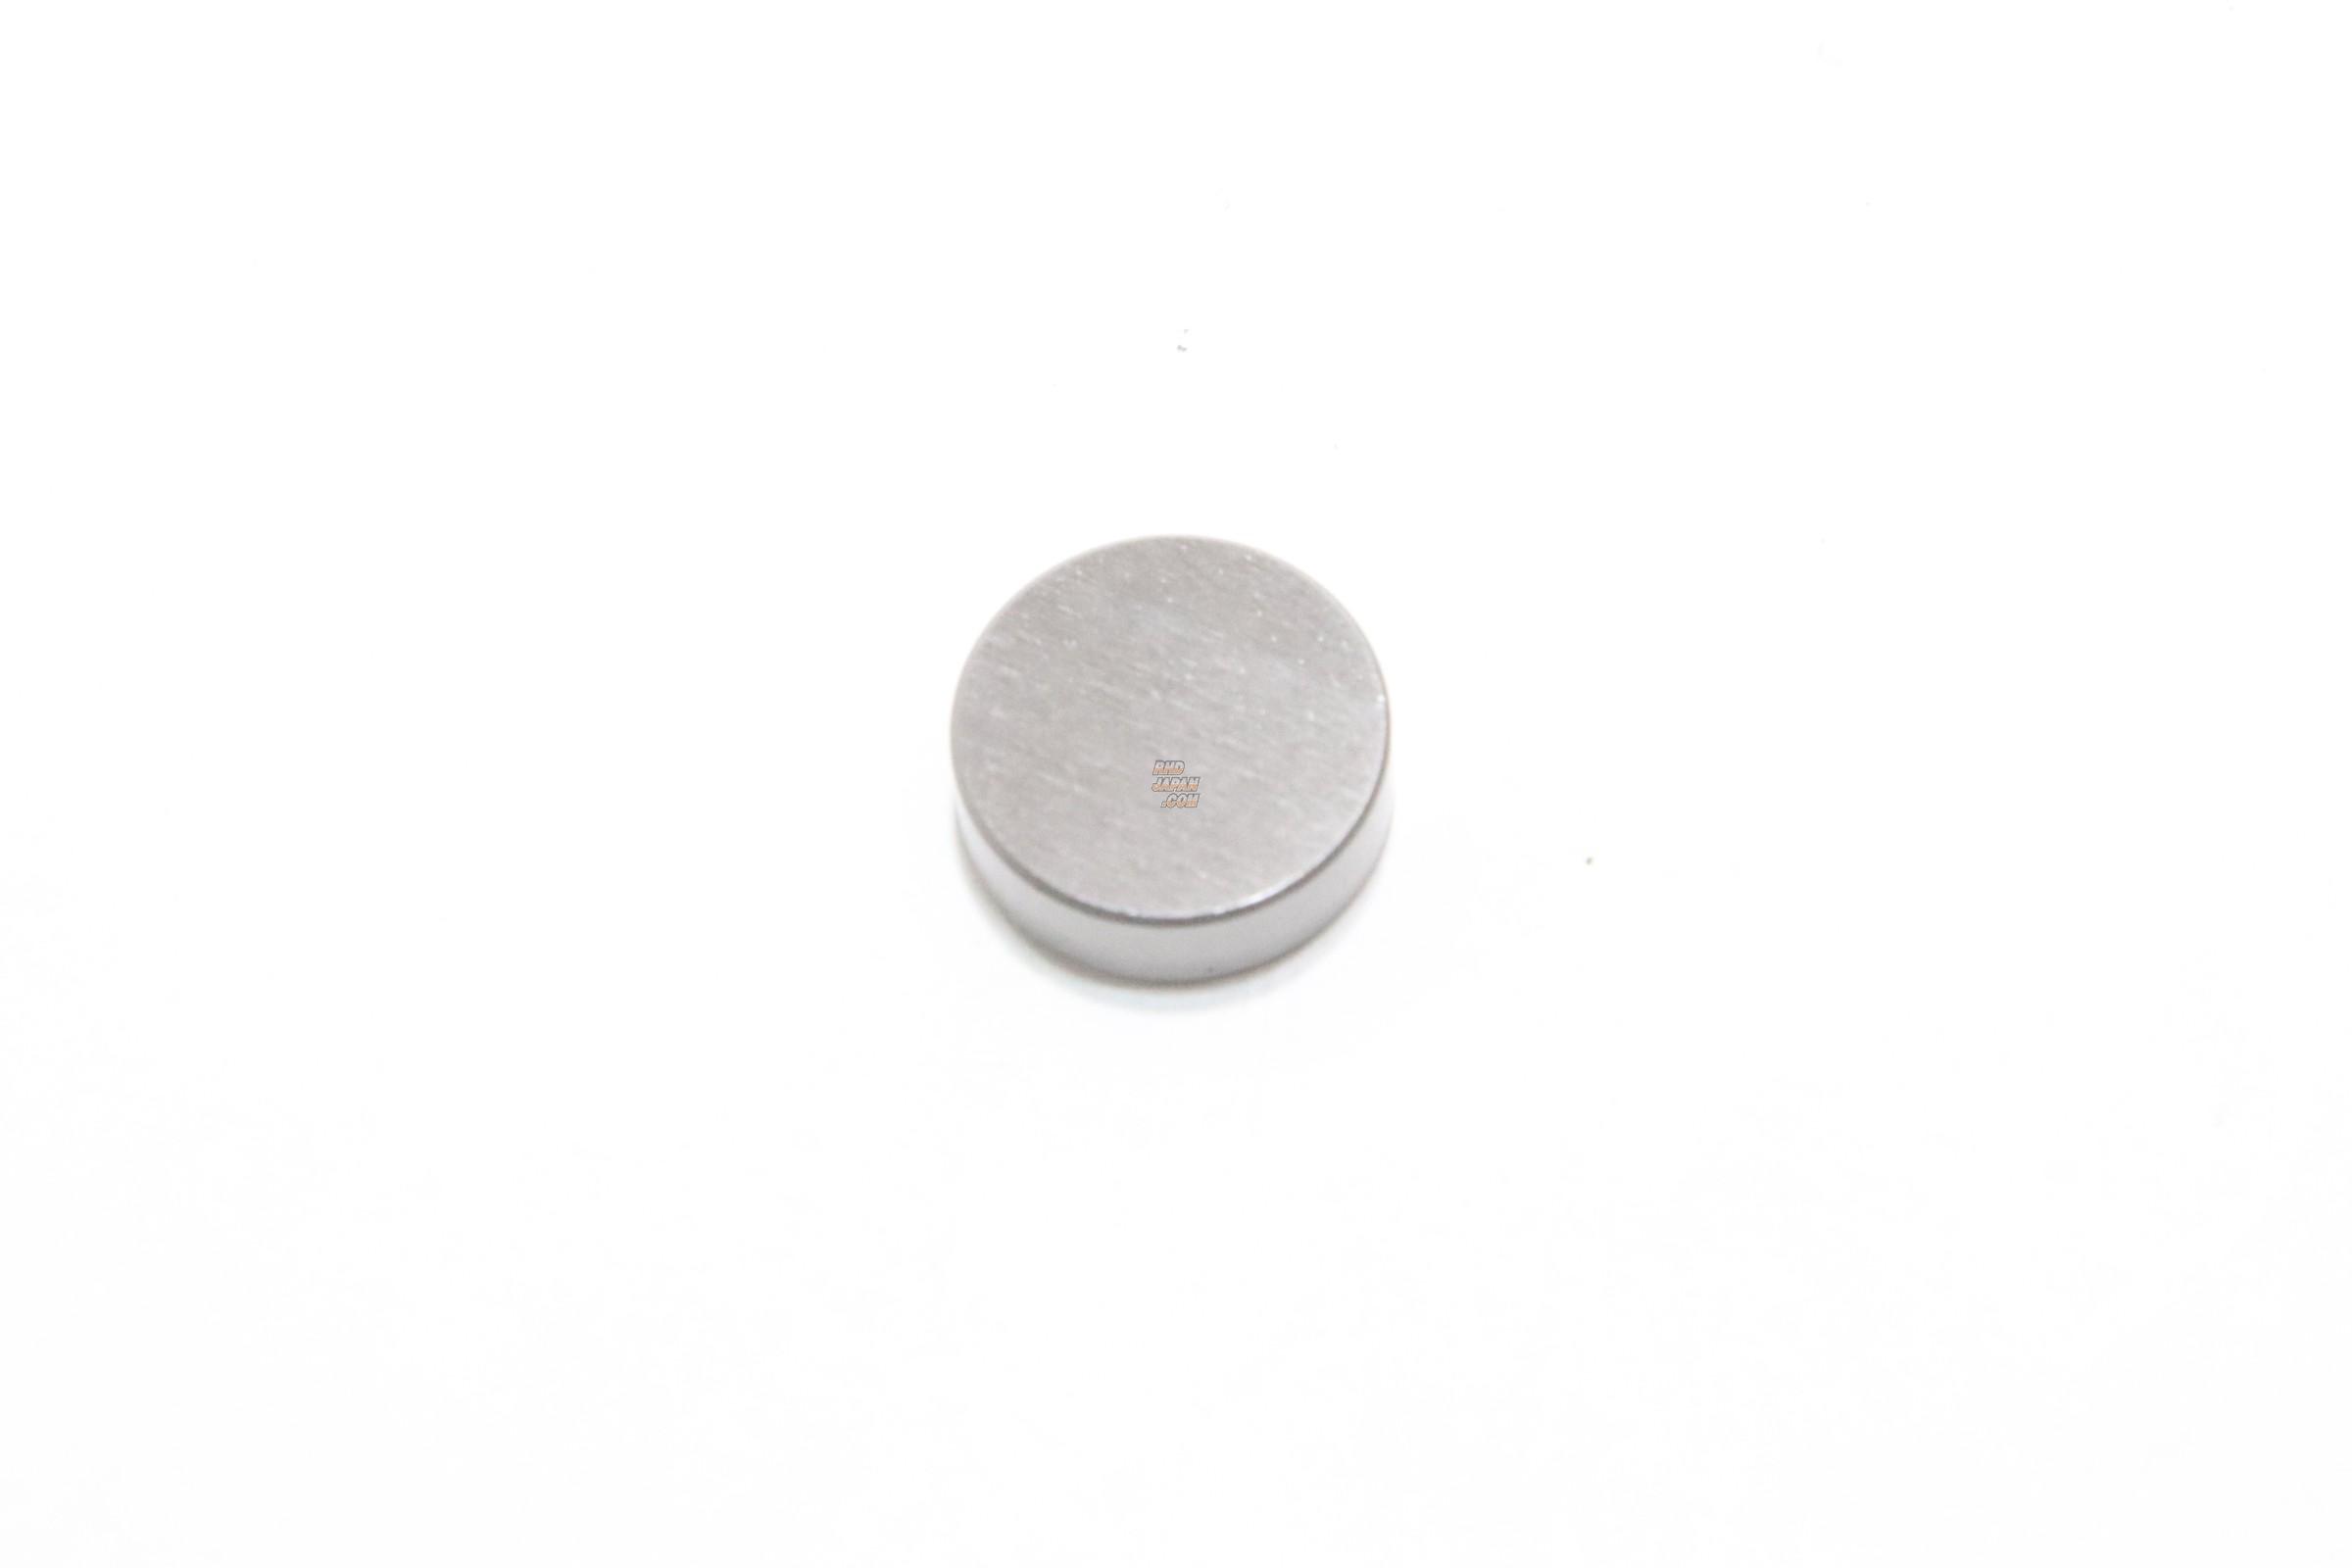 JUN Tappet Shim 4.15mm - RB26DETT